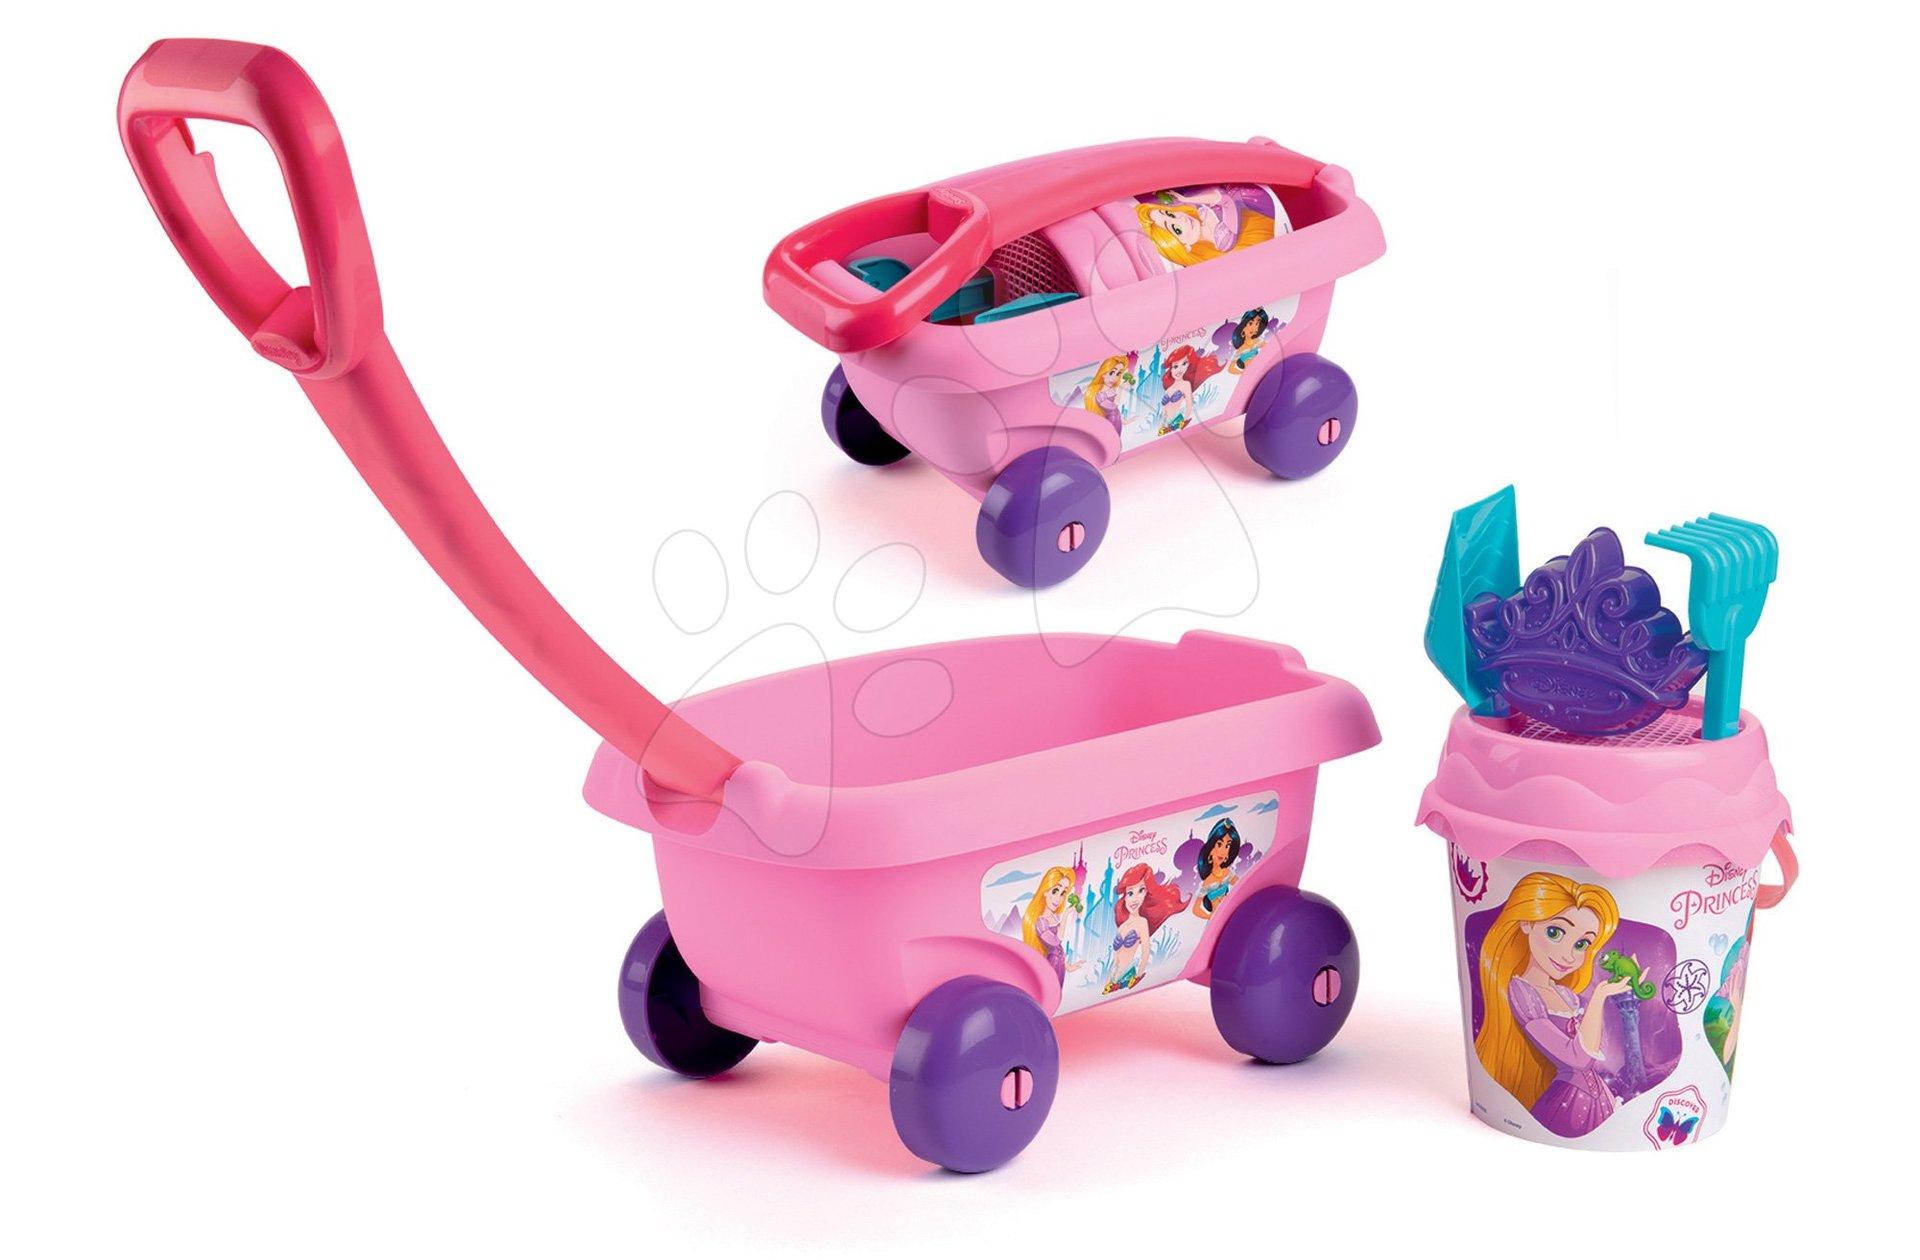 Smoby detský vozík na ťahanie Disney Princess s vedro setom do piesku 867008